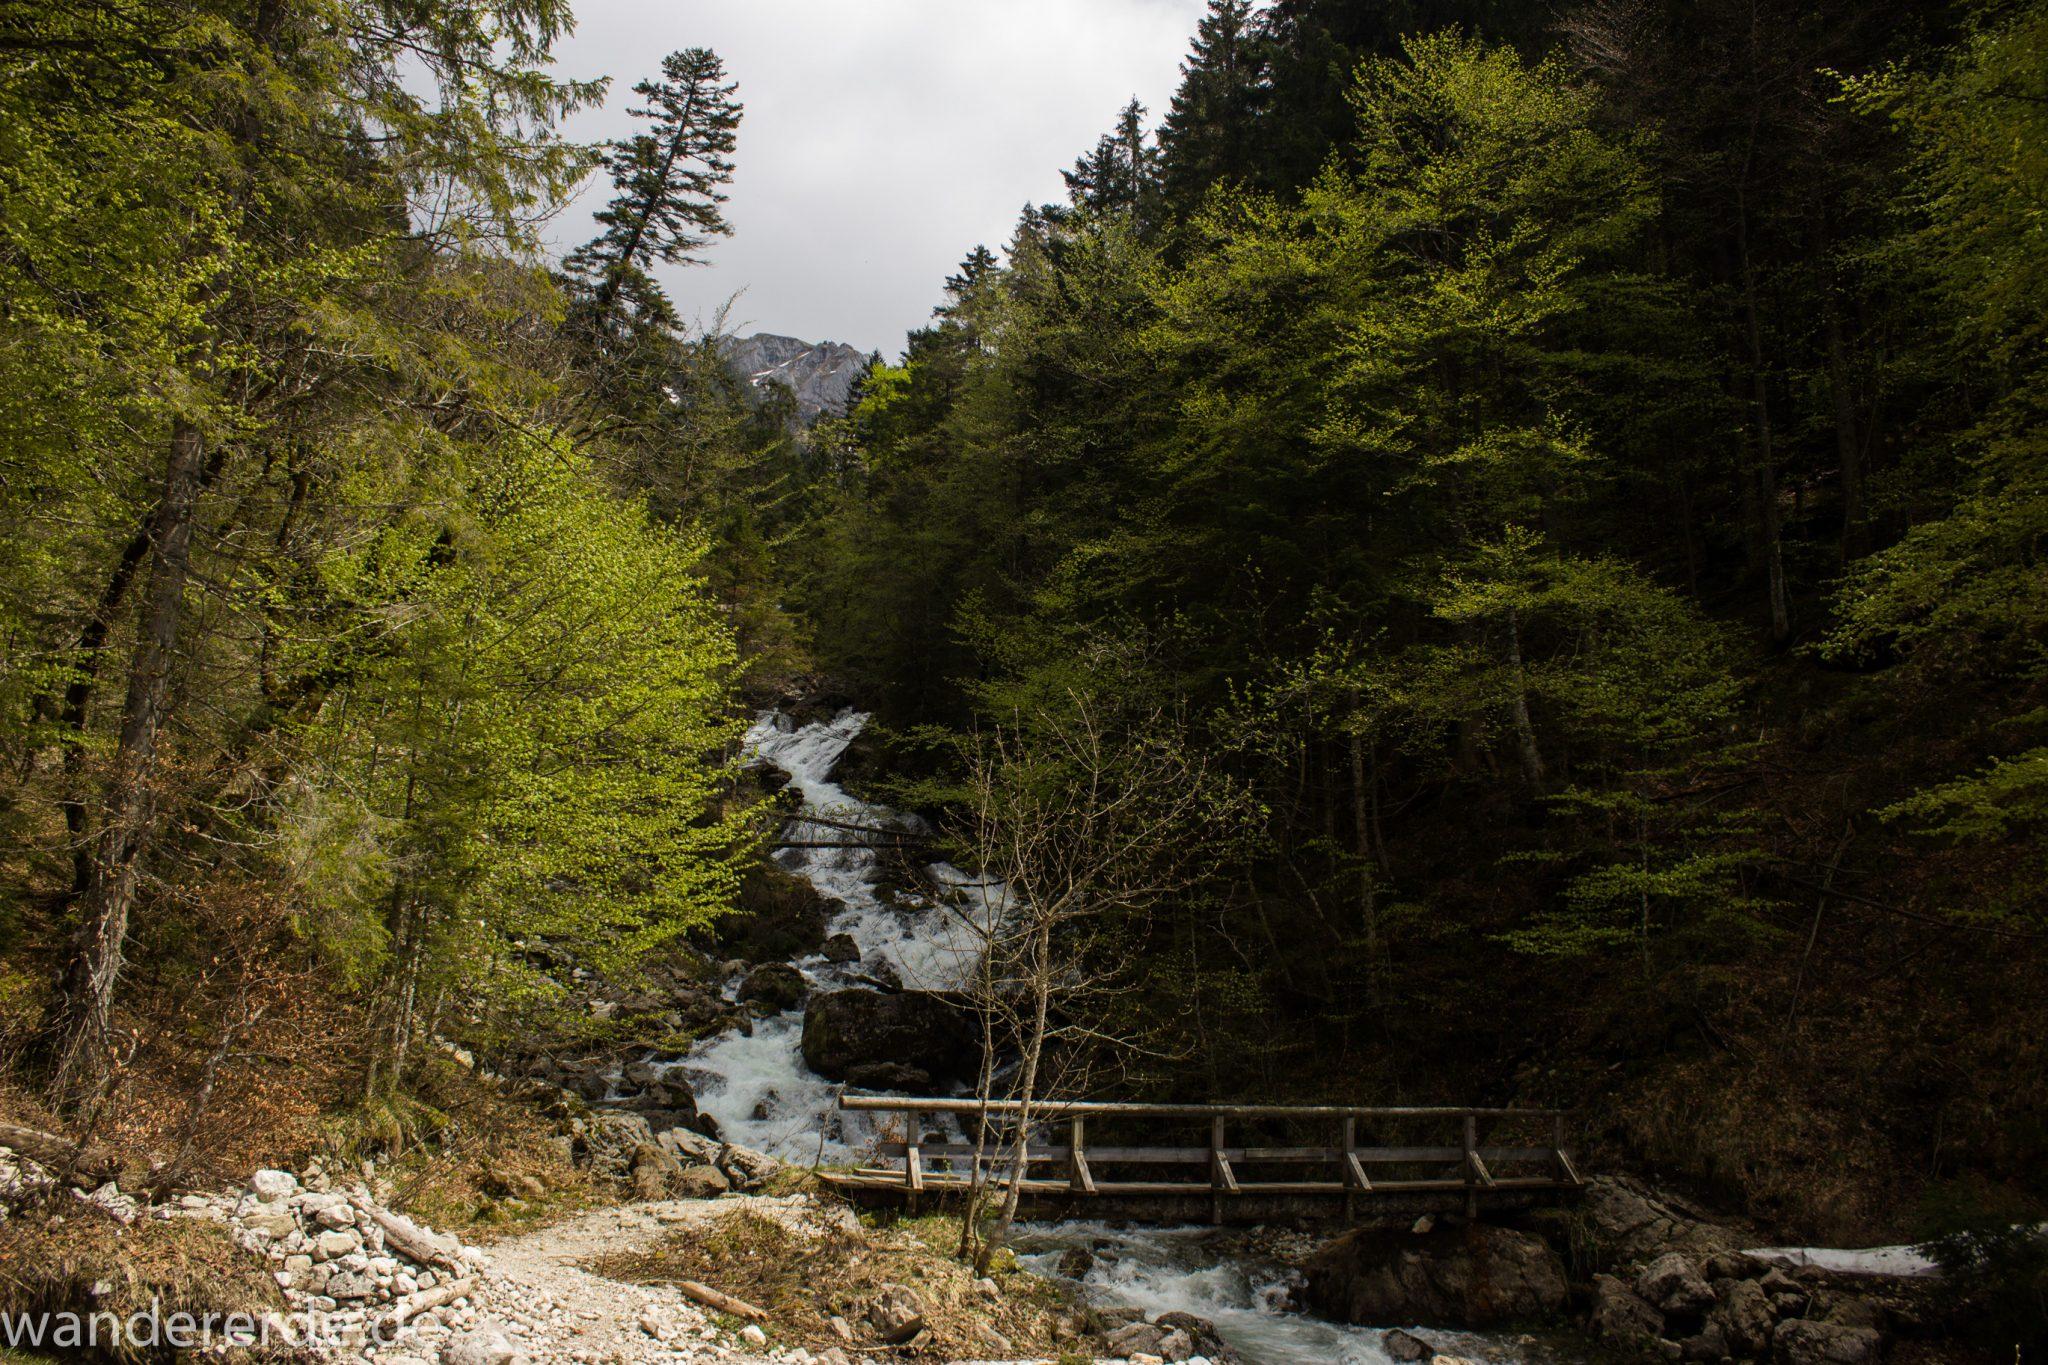 Wanderung zur Kenzenhütte in den Ammergauer Alpen, Aussicht auf die Berge im Hintergrund, schmale kleine Brücke führt über schnell fließendem Bach, Frühjahr in den bayerischen Alpen, dichter grüner Wald und saftige Wiesen, Wanderweg oftmals am schönen, idyllischem Bach entlang